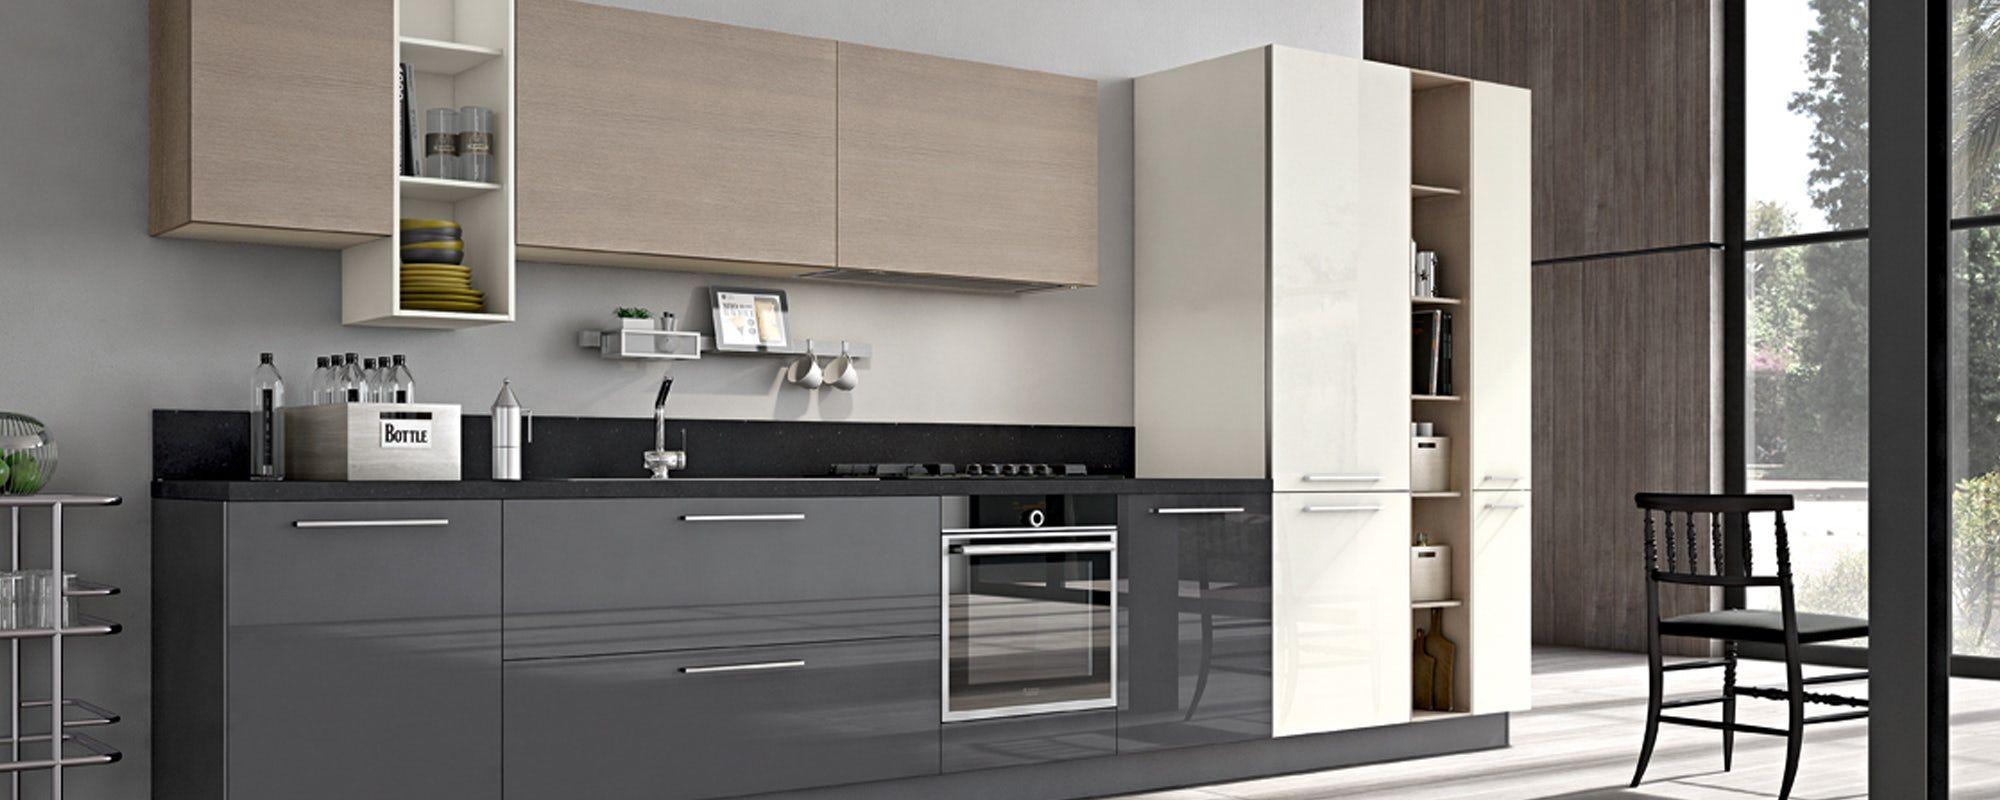 Mobile Per Lavabo Cucina cucine moderne stosa - modello cucina aleve 01 (с